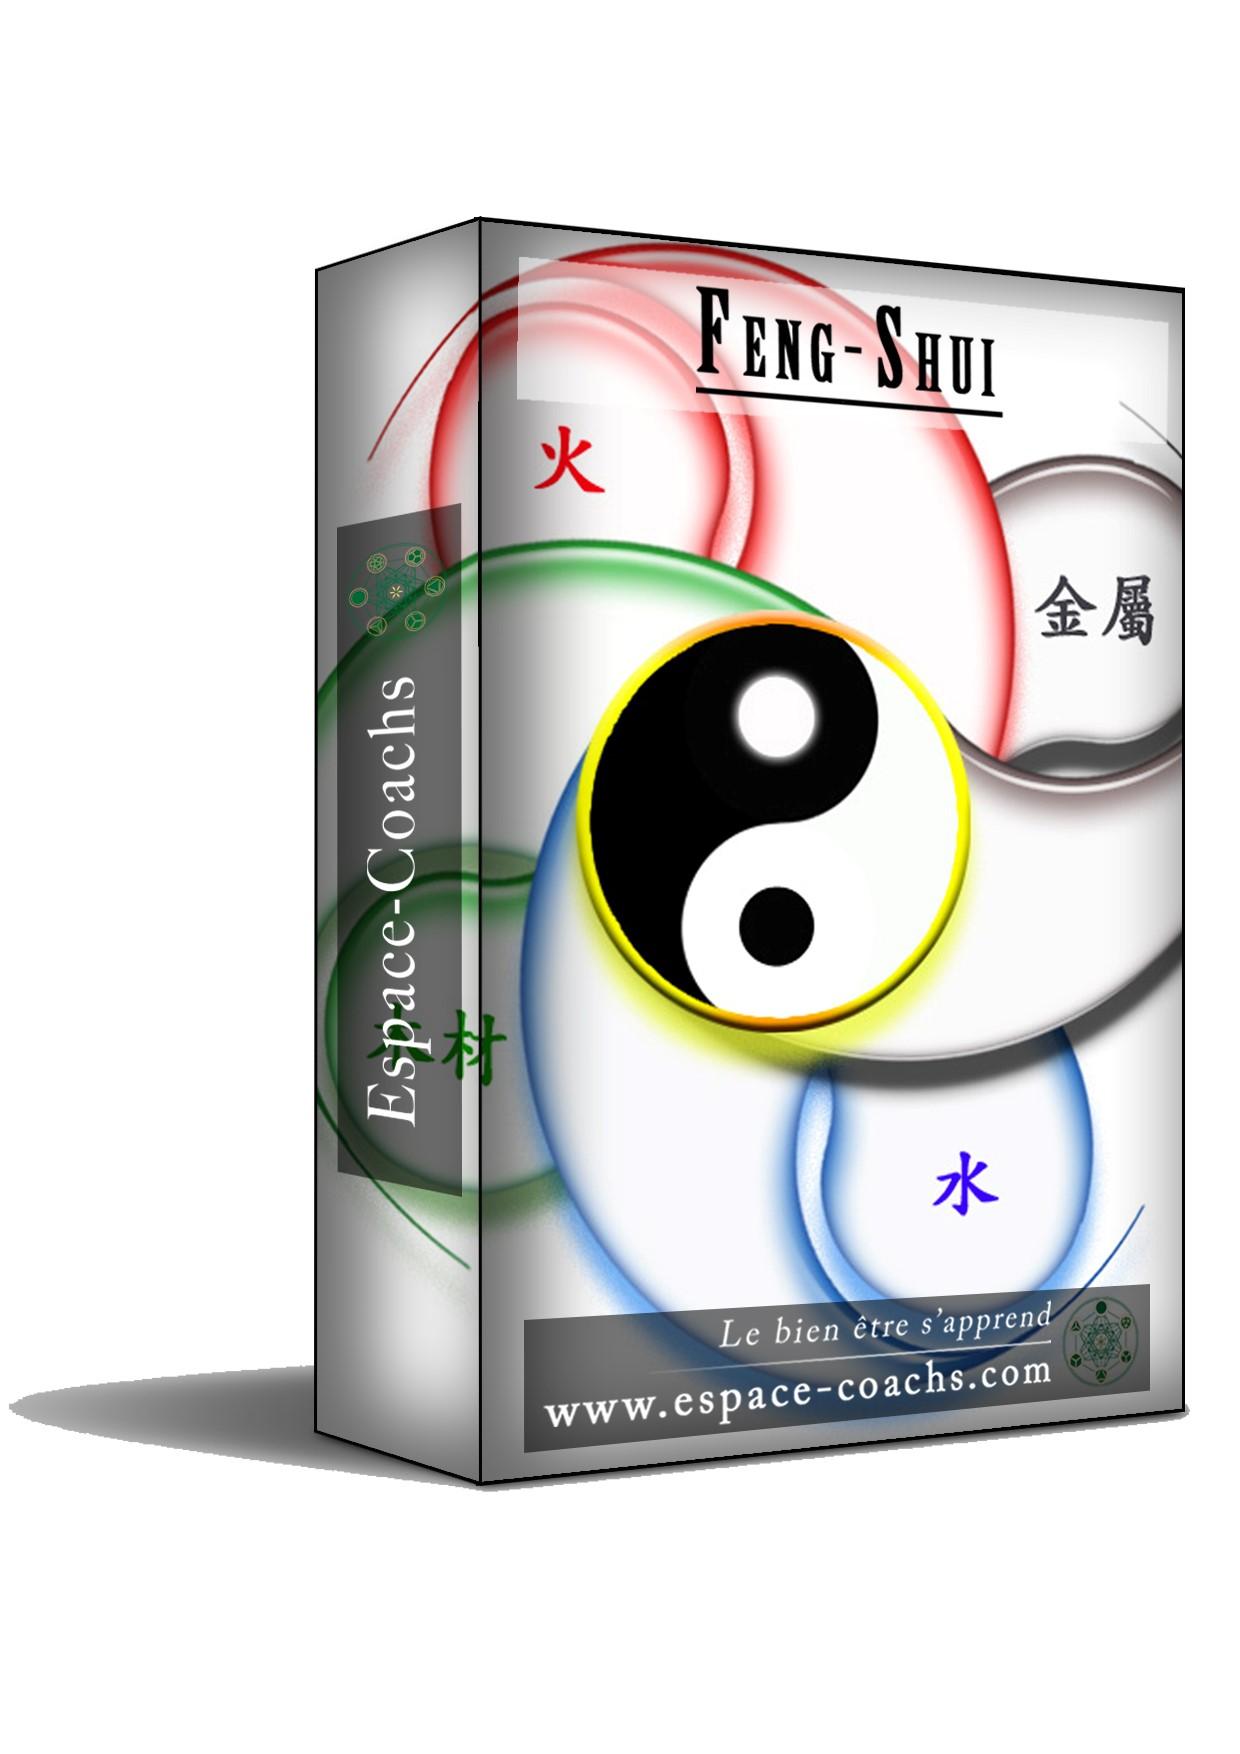 fenbg shui box 002